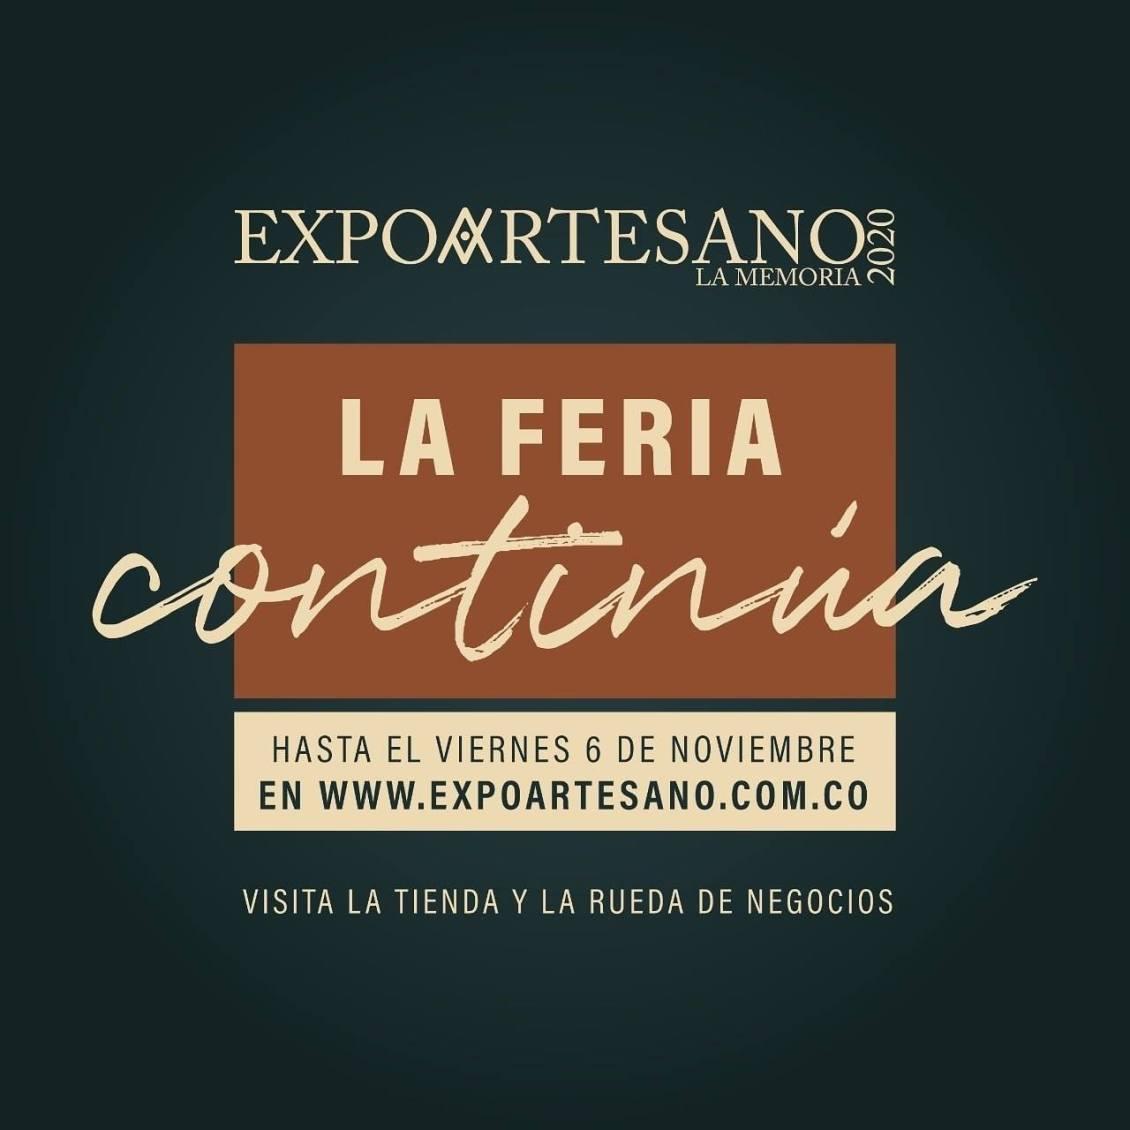 la-feria-continua-acompananos-hasta-el-viernes-6-de-noviembre-expoartesano-2020